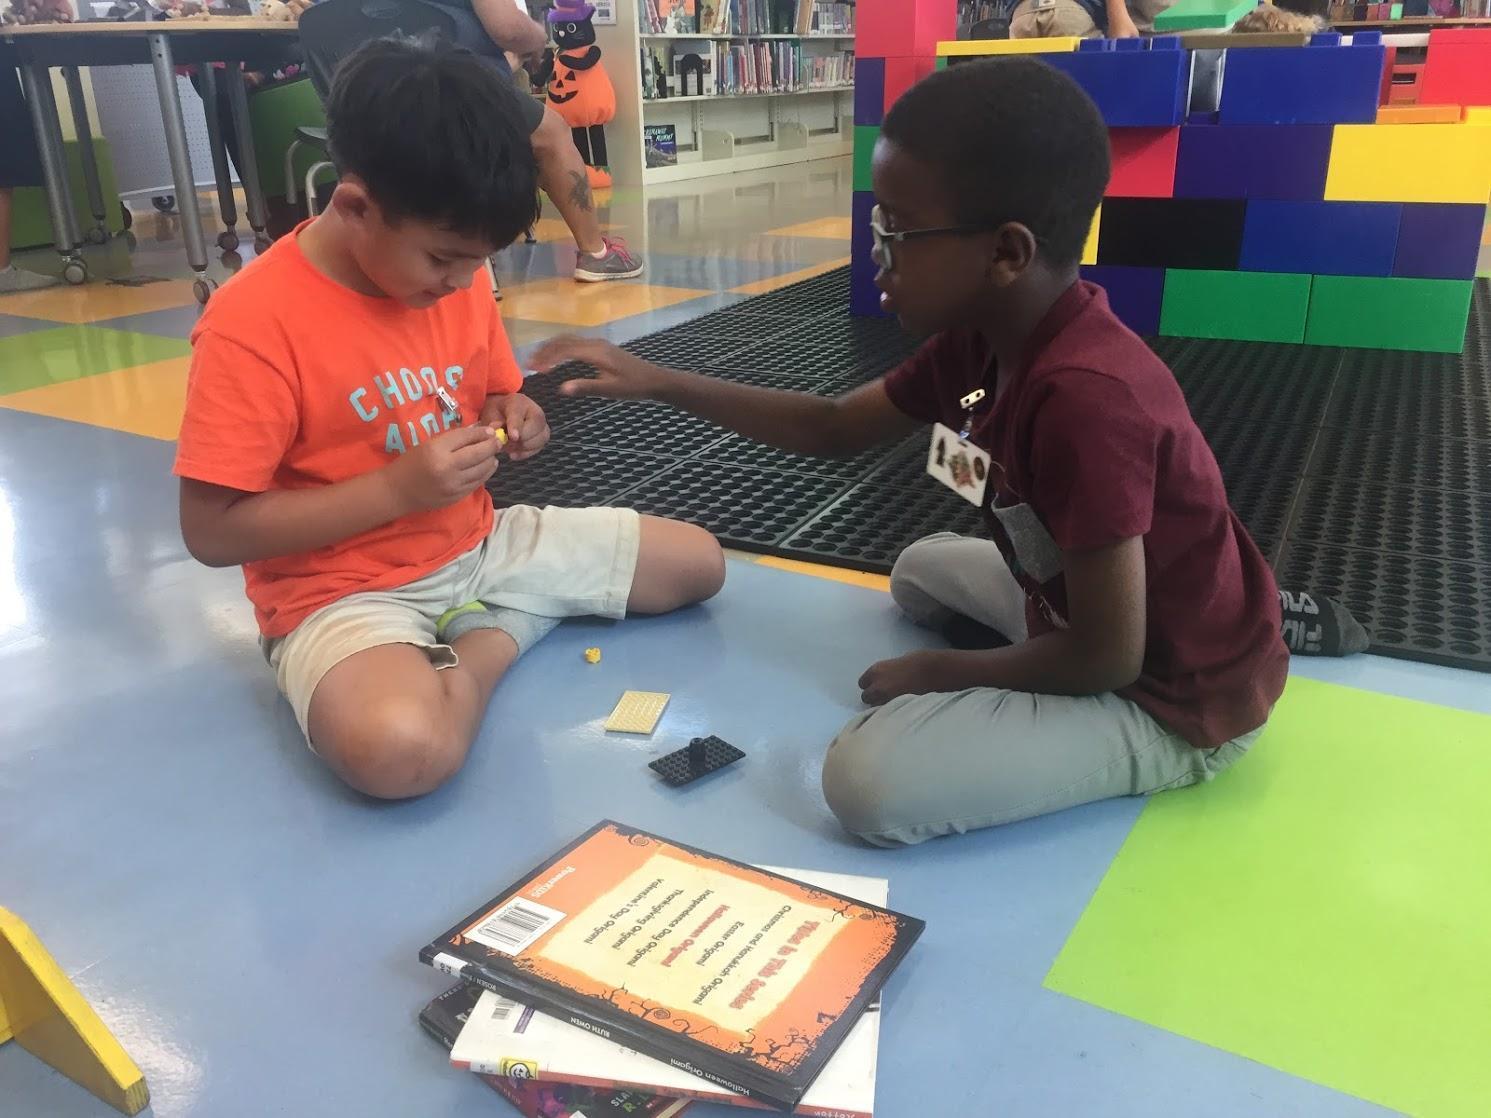 students designing together